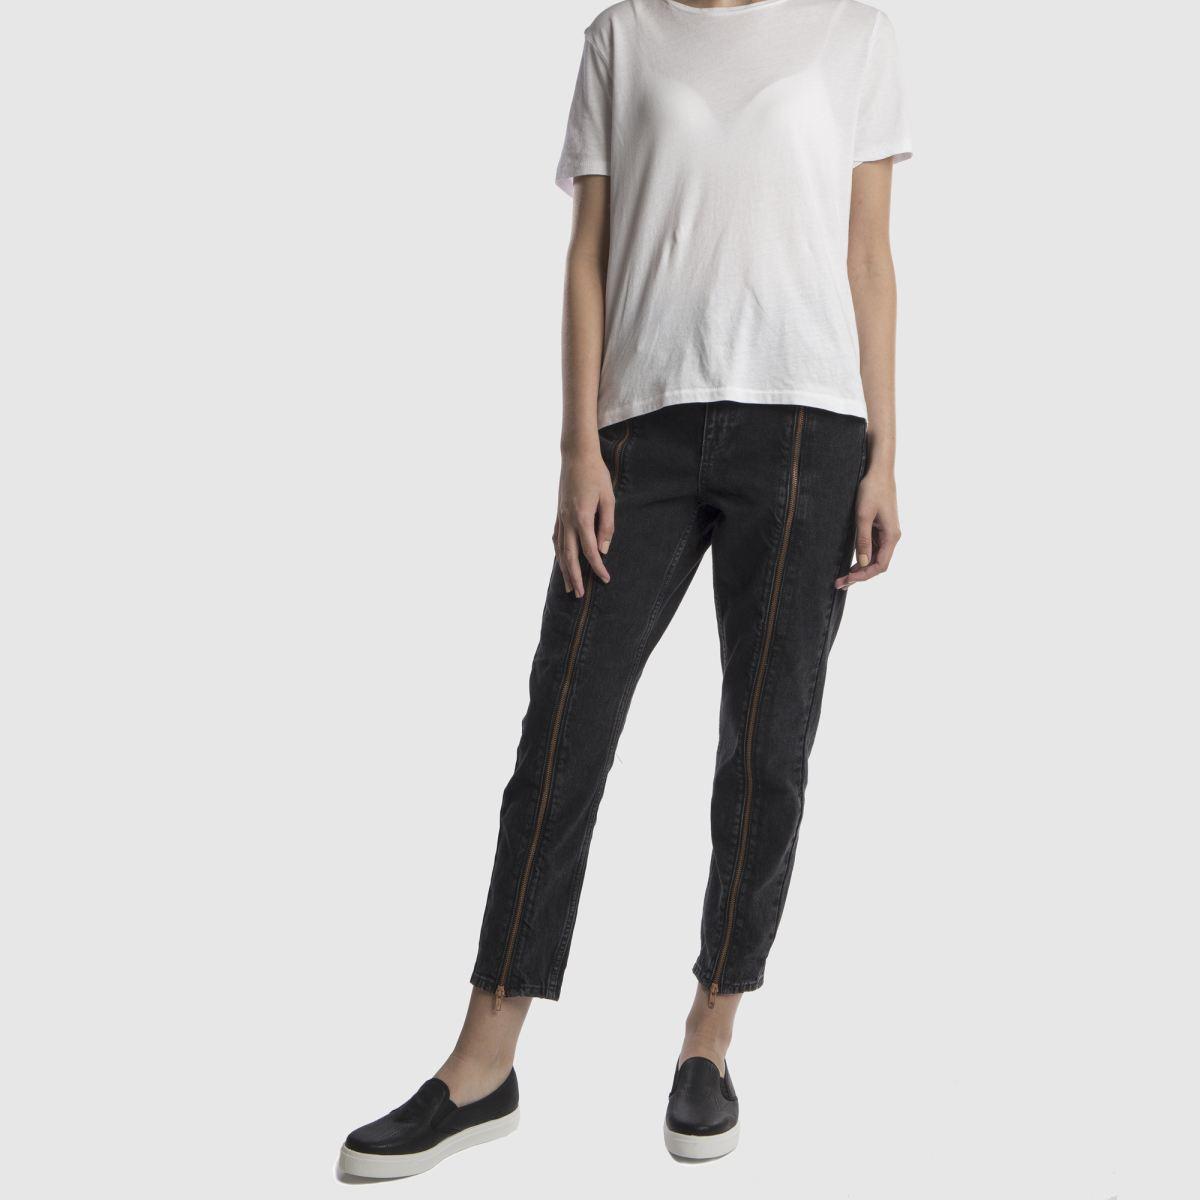 Damen Schwarz-weiß schuh Awesome Slip On Flats   schuh Gute Qualität beliebte Schuhe